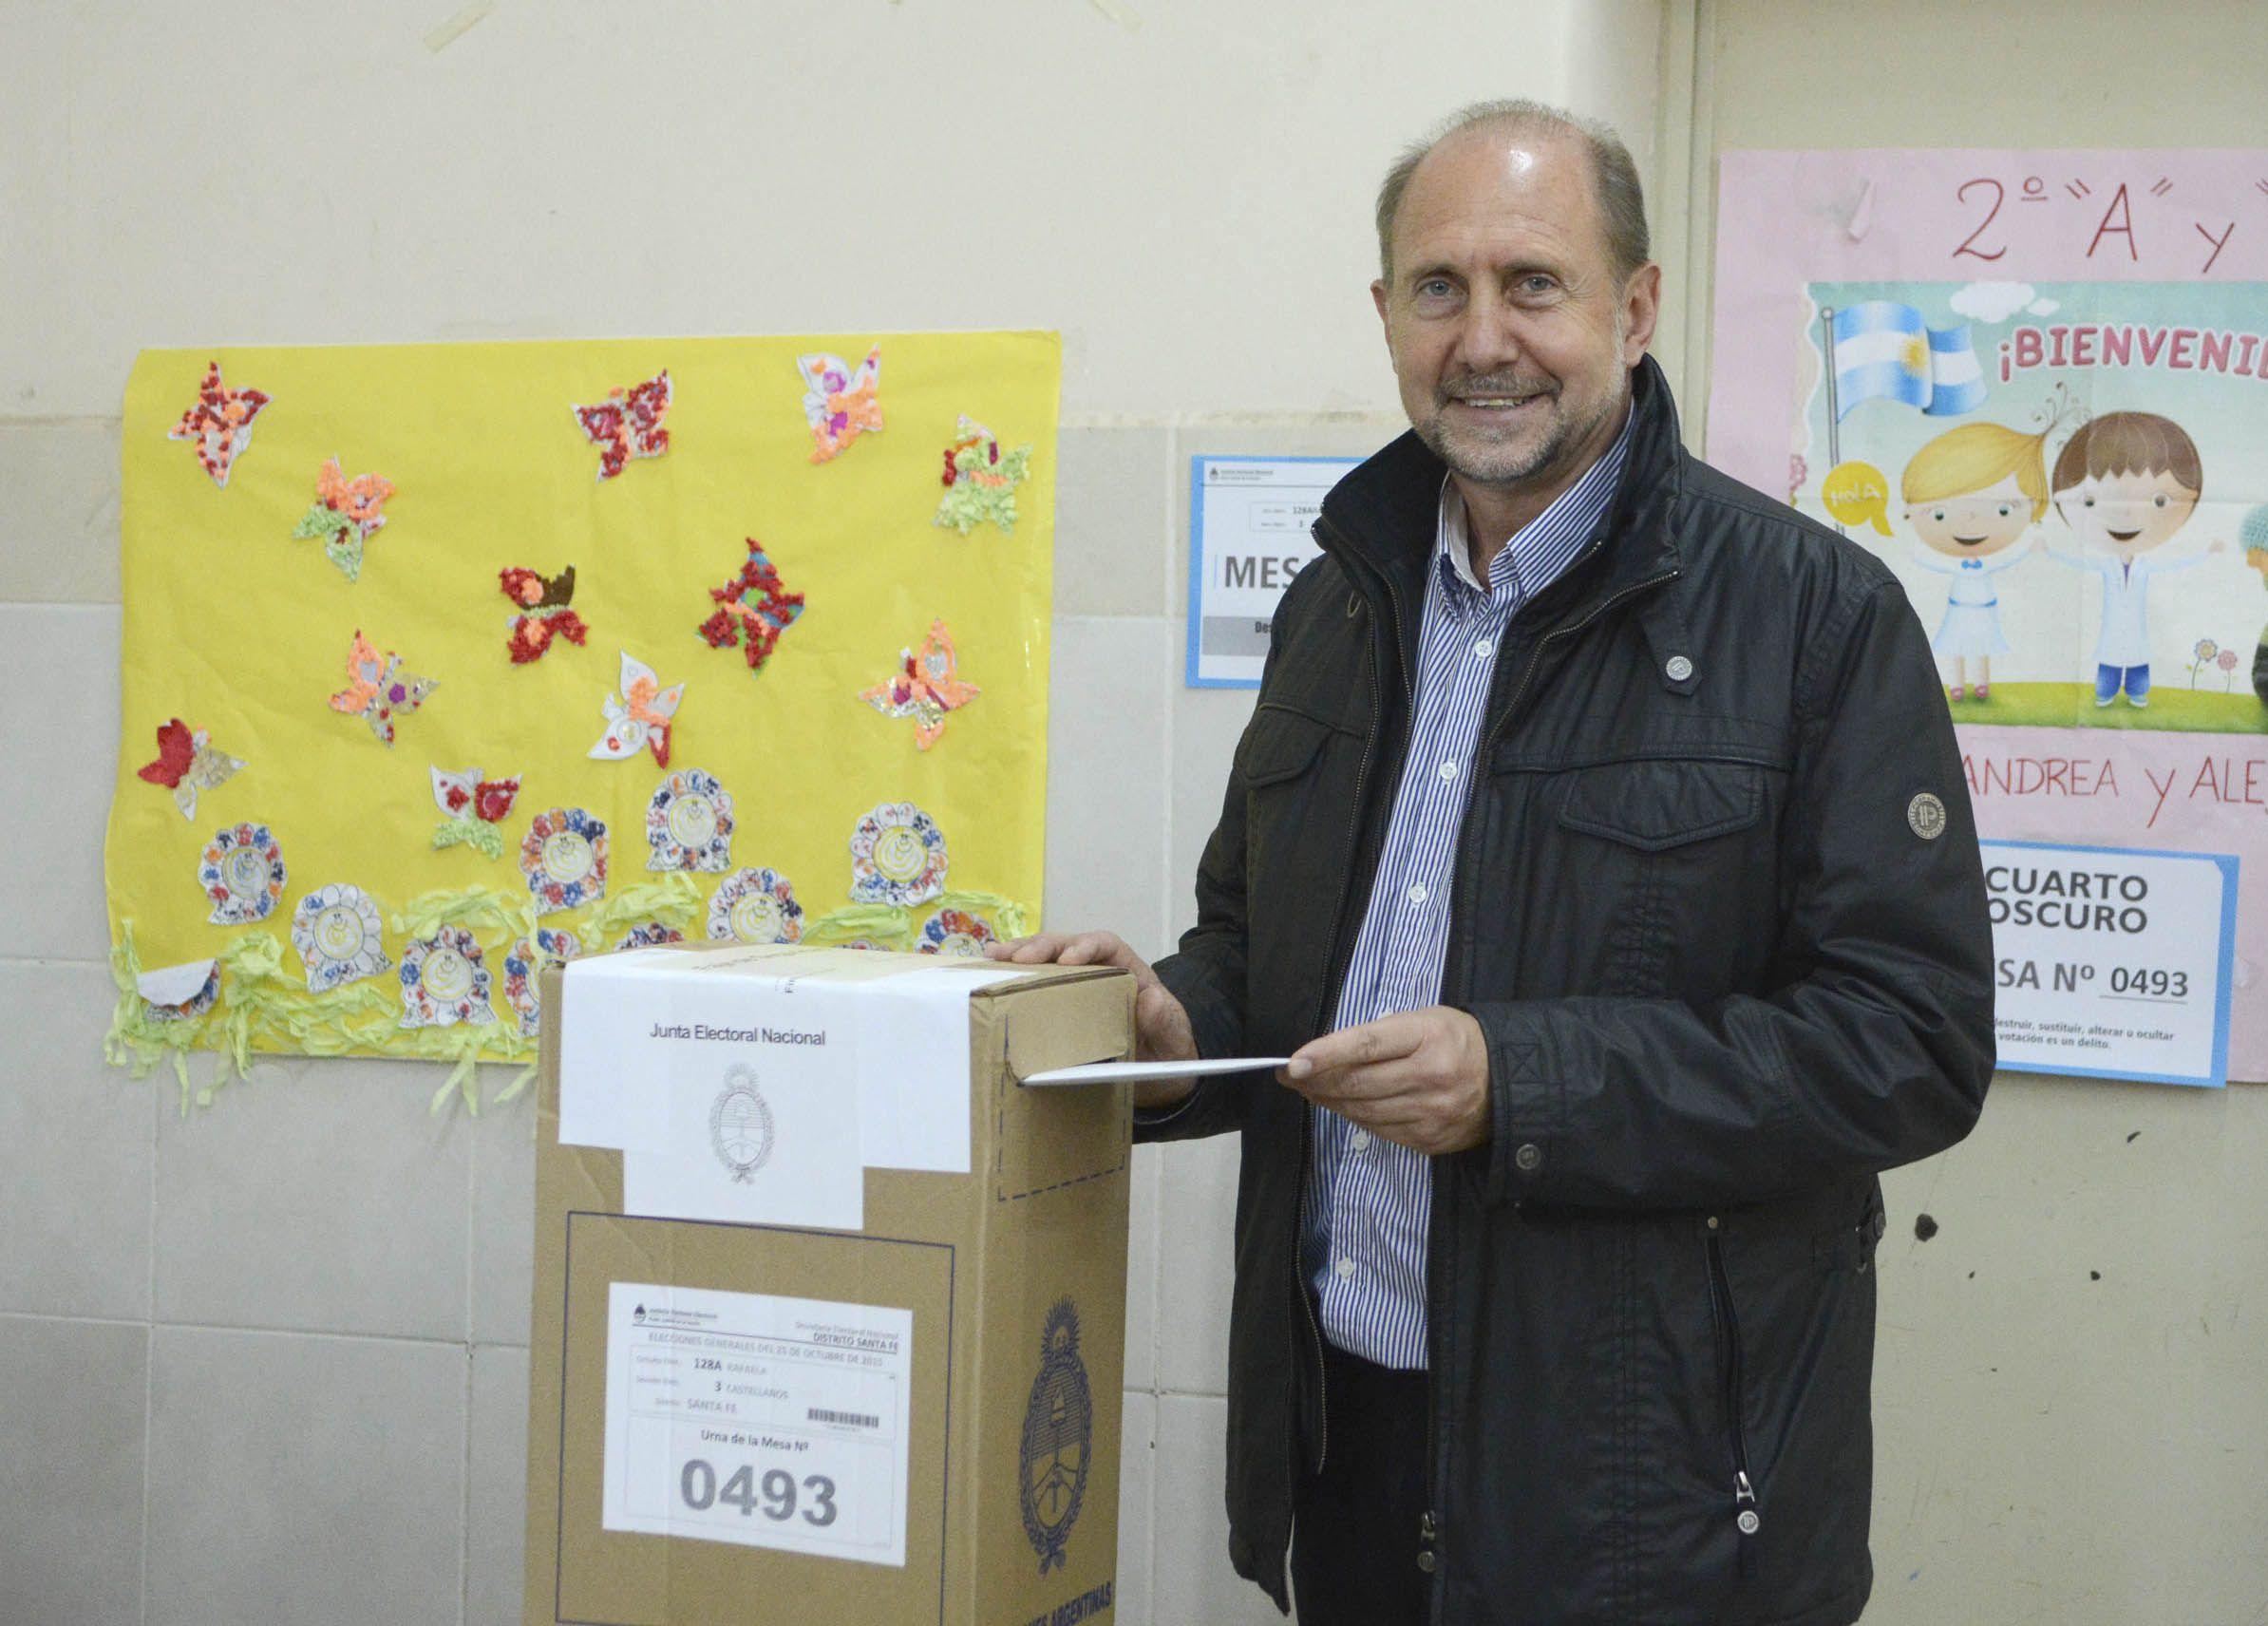 El actual diputado nacional Omar Perotti y la concejala de Firmat María de los Angeles Sacnún se sentarán en dos escaños a partir del 10 de diciembre.